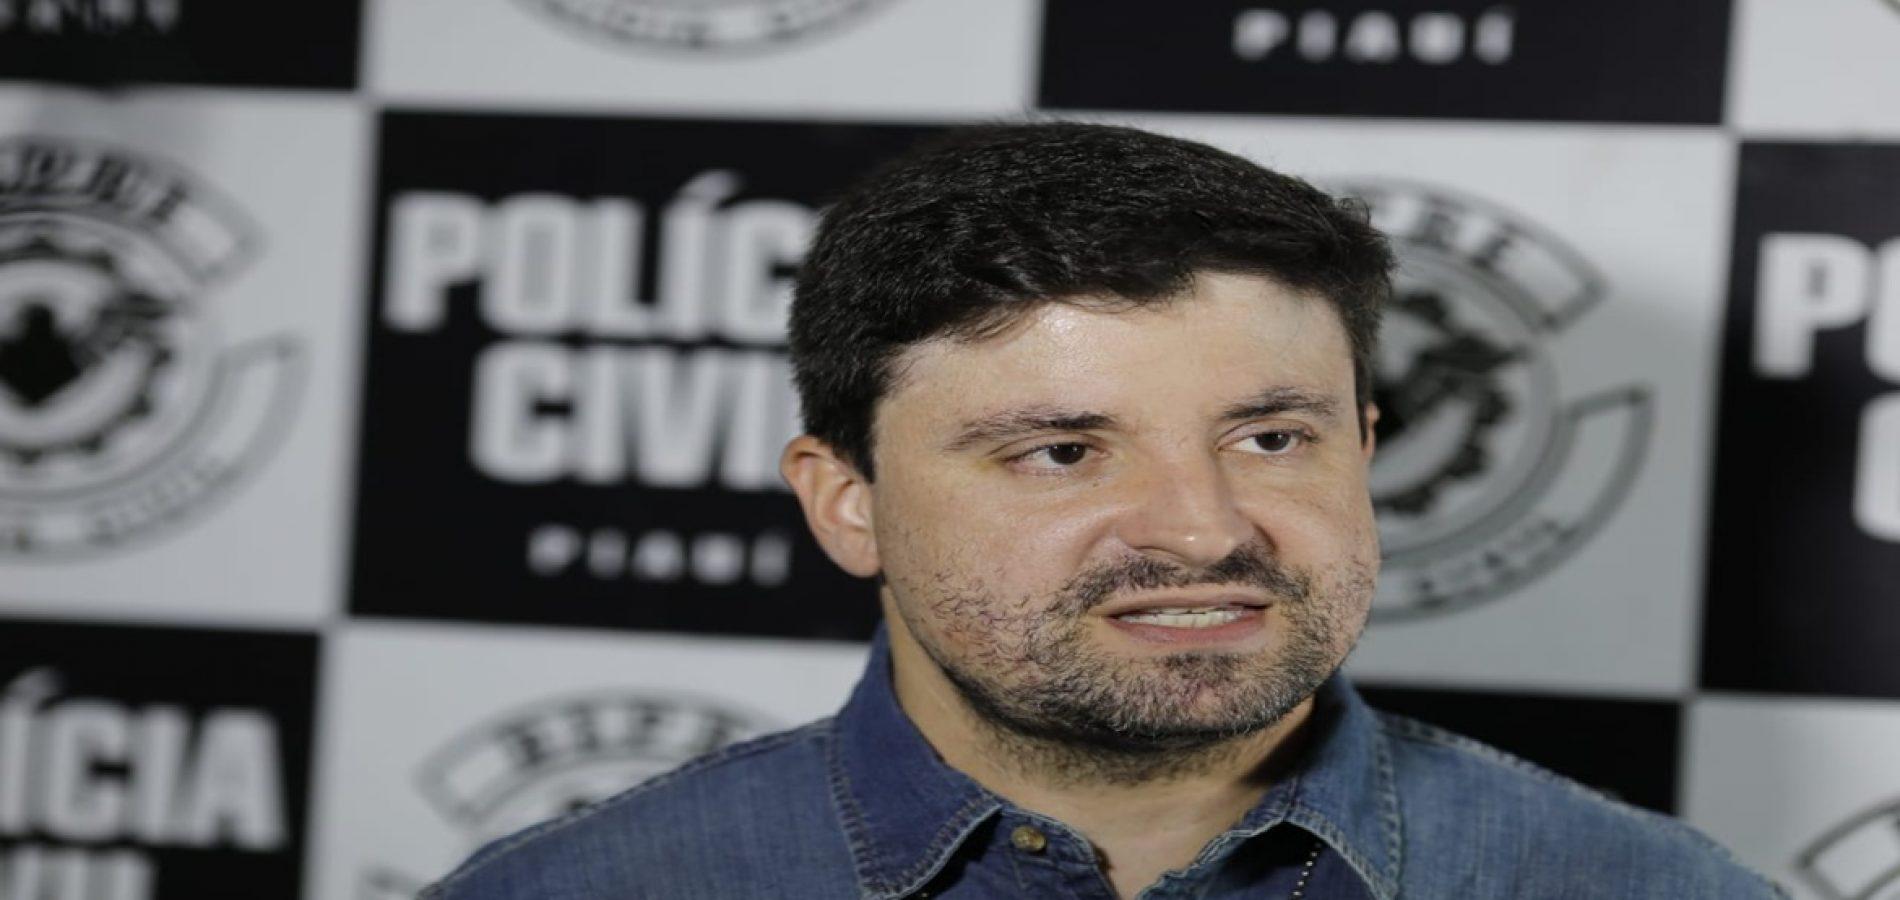 Casal é preso acusado de distribuir drogas em cidade do Piauí